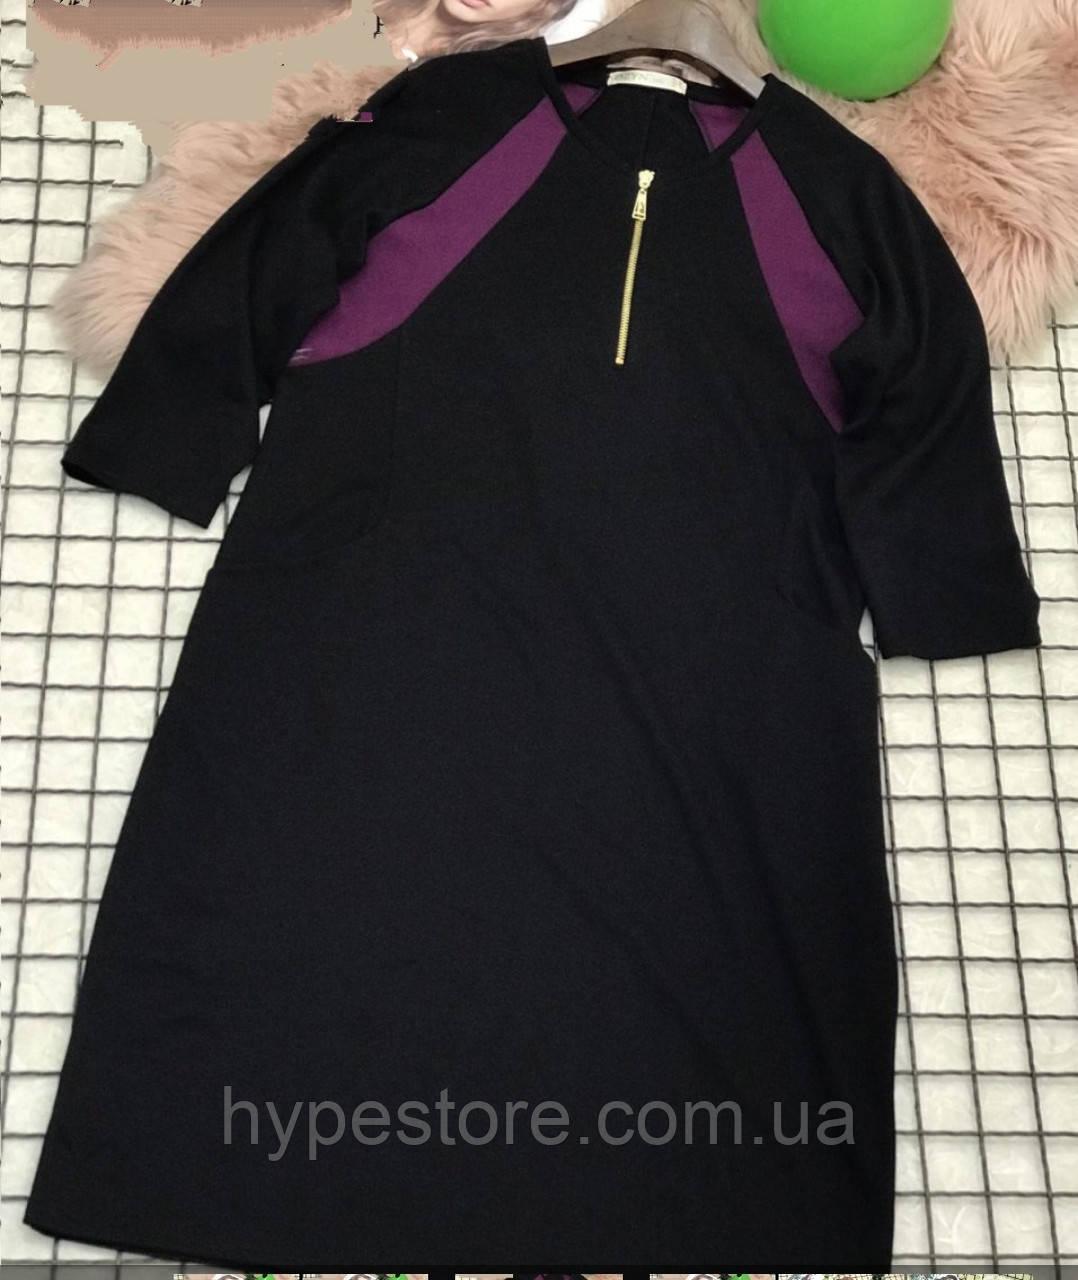 Красиве жіноче трикотажне плаття,великий розмір,батал,див. опис!